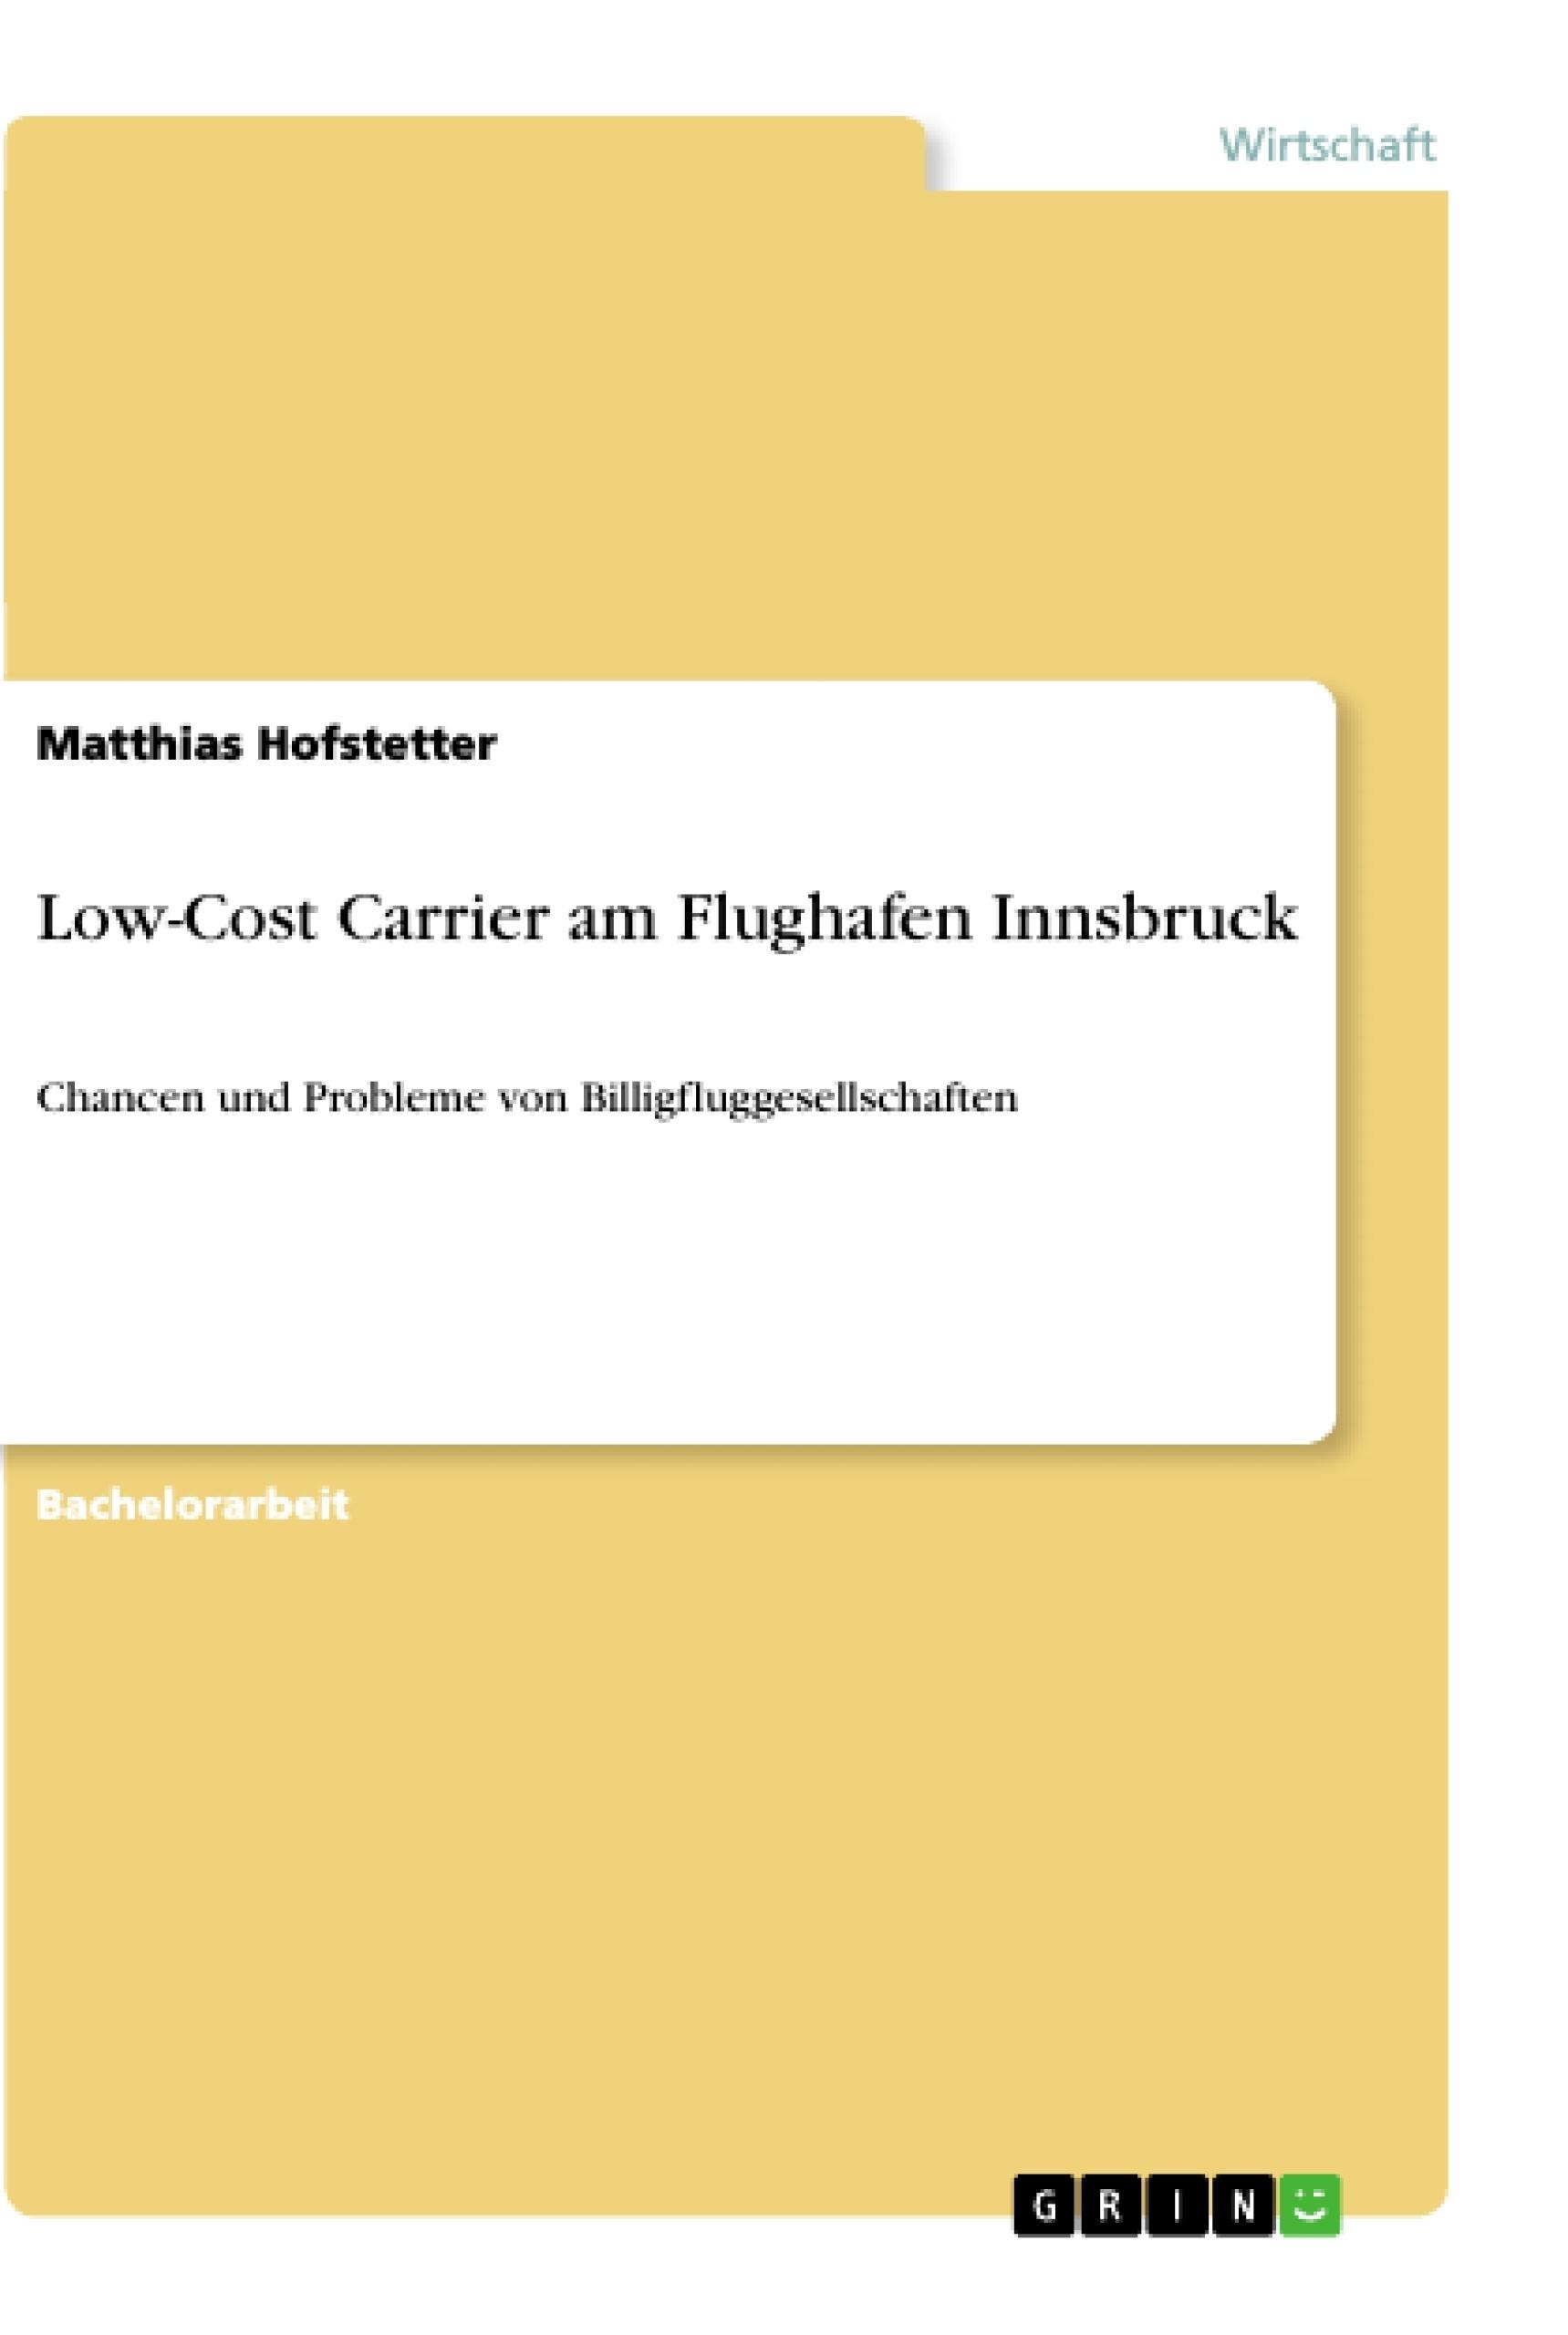 Titel: Low-Cost Carrier am Flughafen Innsbruck